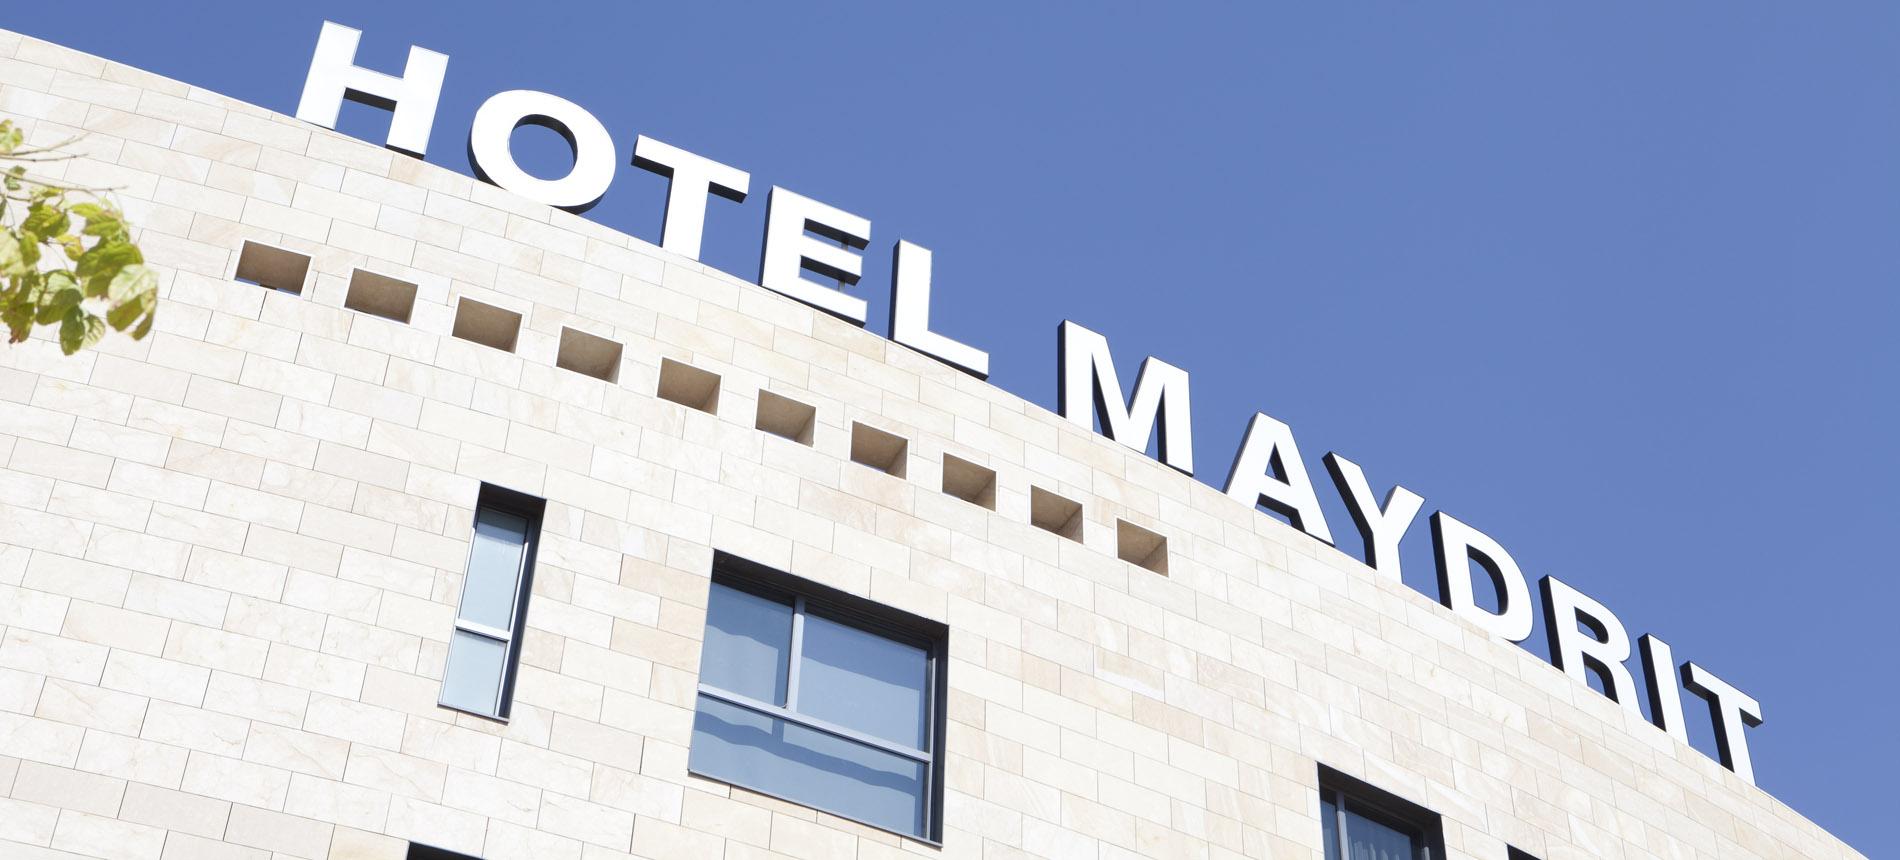 Un h tel 4 toiles deux pas de l 39 ifema hotel santos for Reserver un hotel et payer sur place